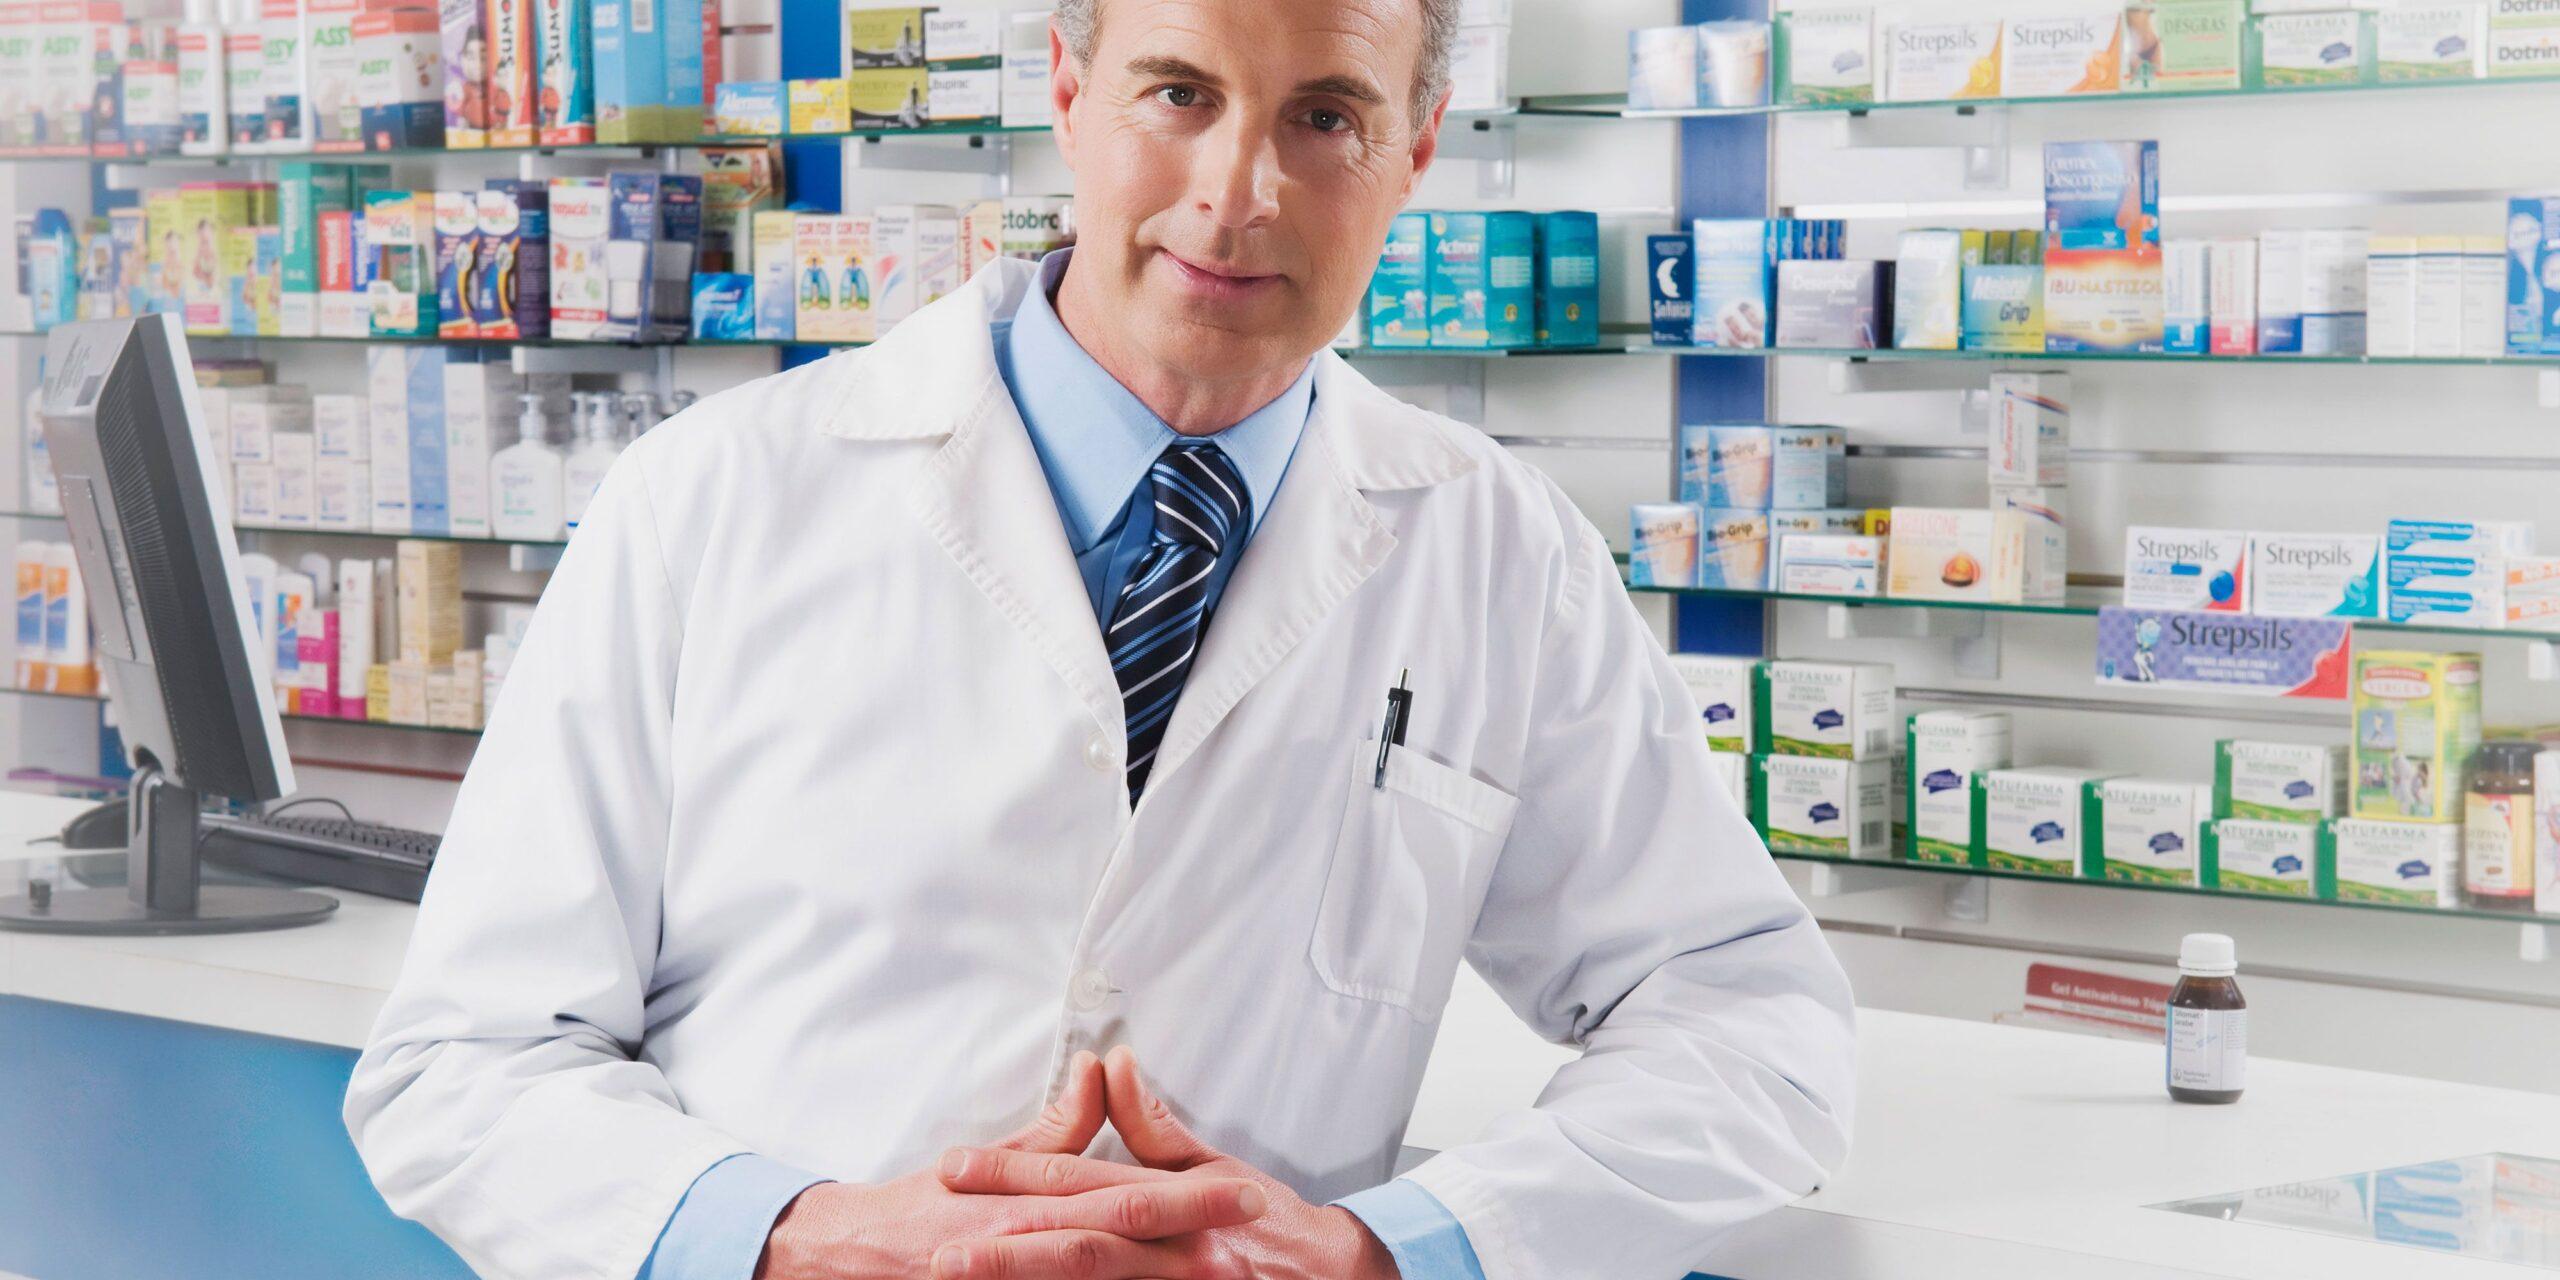 1446820417 g pharmacist 126165679 scaled